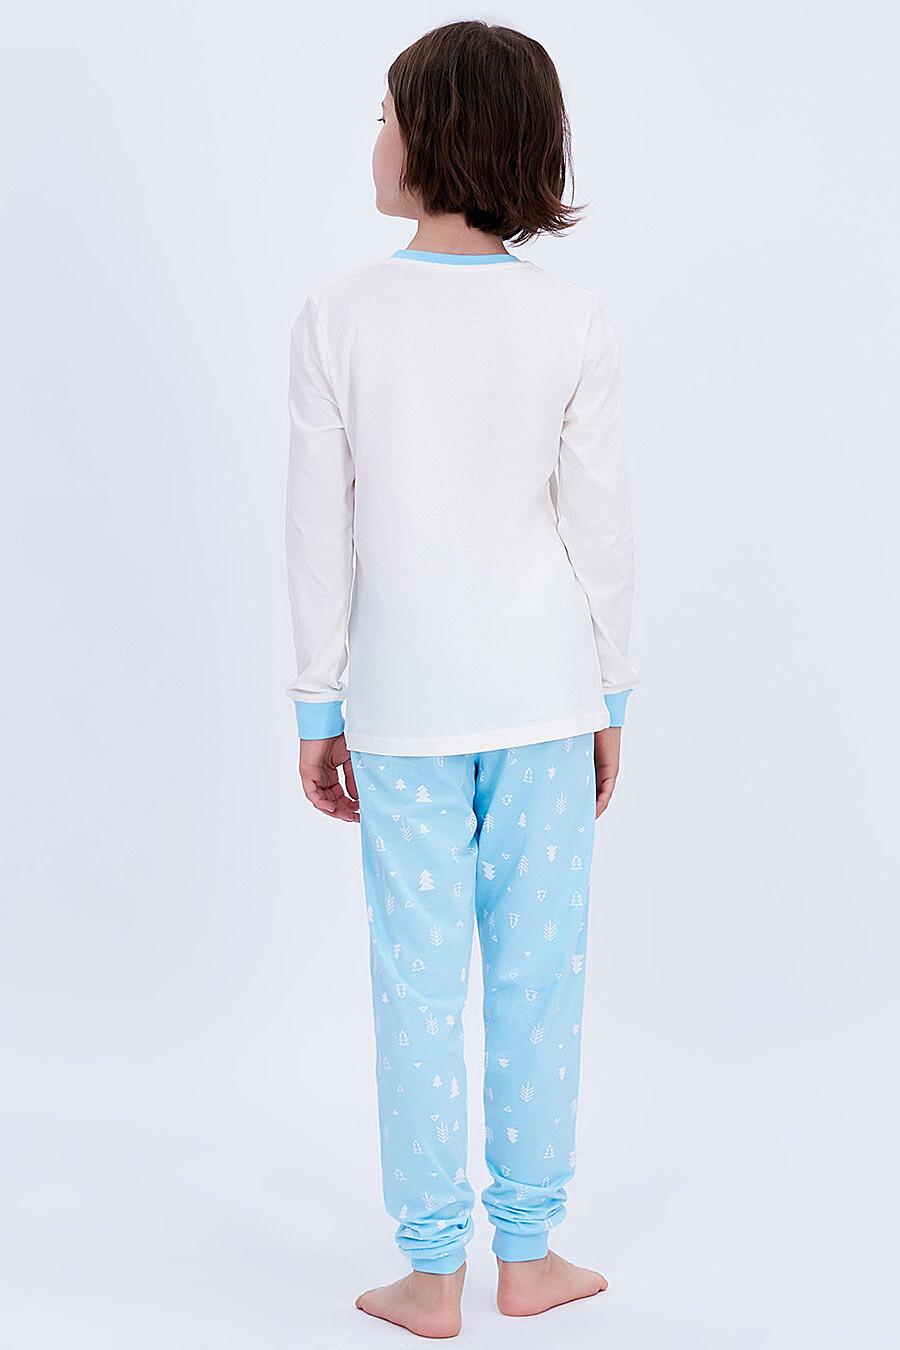 Пижама для девочек ROXY FOXY 707347 купить оптом от производителя. Совместная покупка детской одежды в OptMoyo